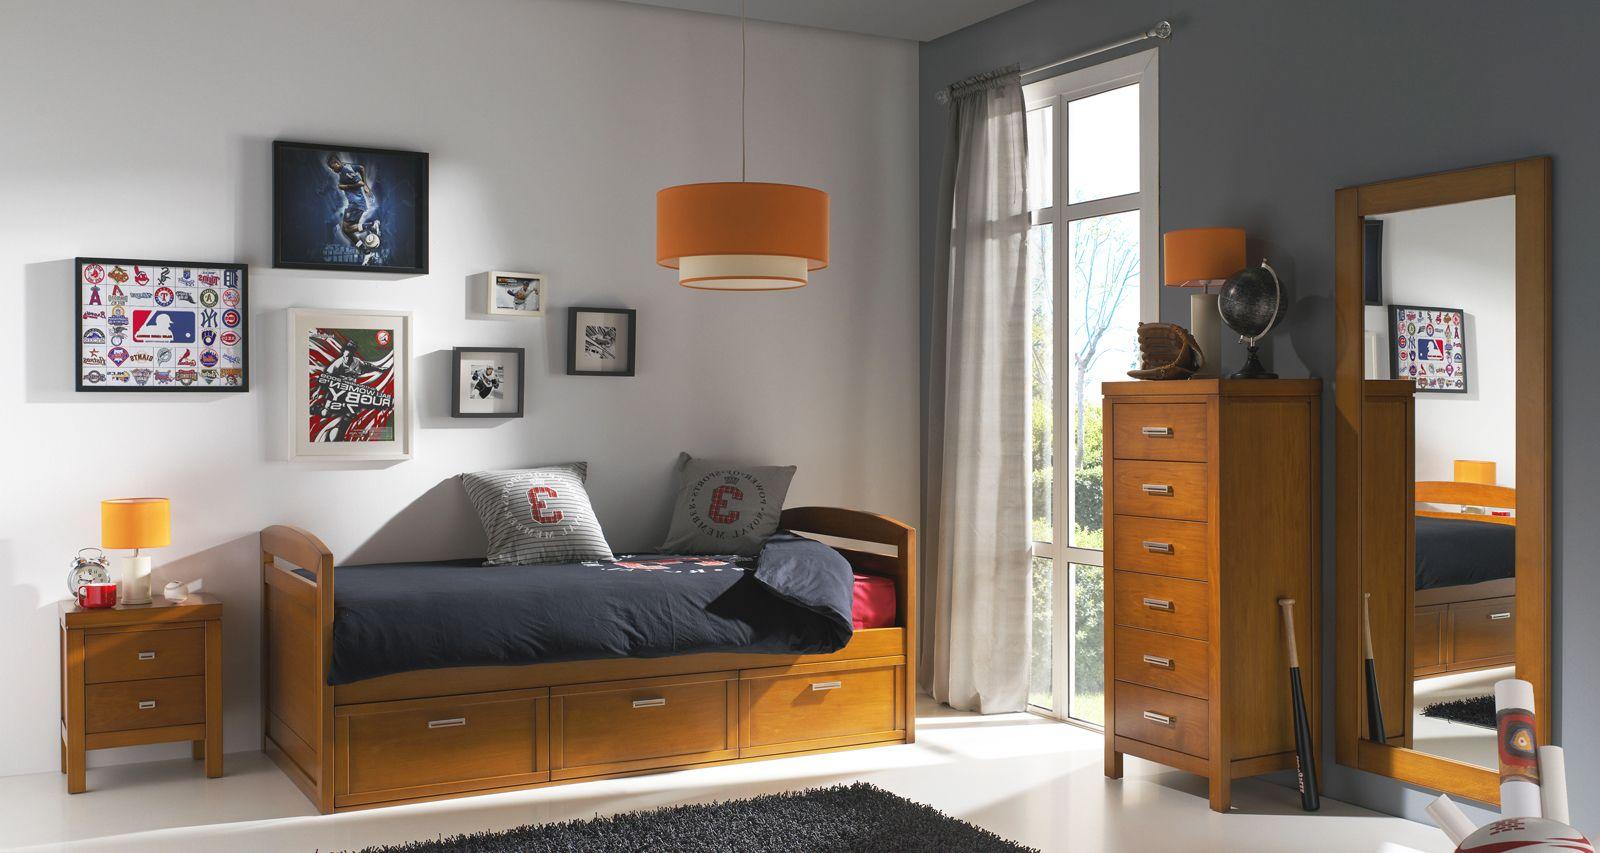 Cama nido con cajones entra y descubre nuevo for Catalogo de habitaciones juveniles